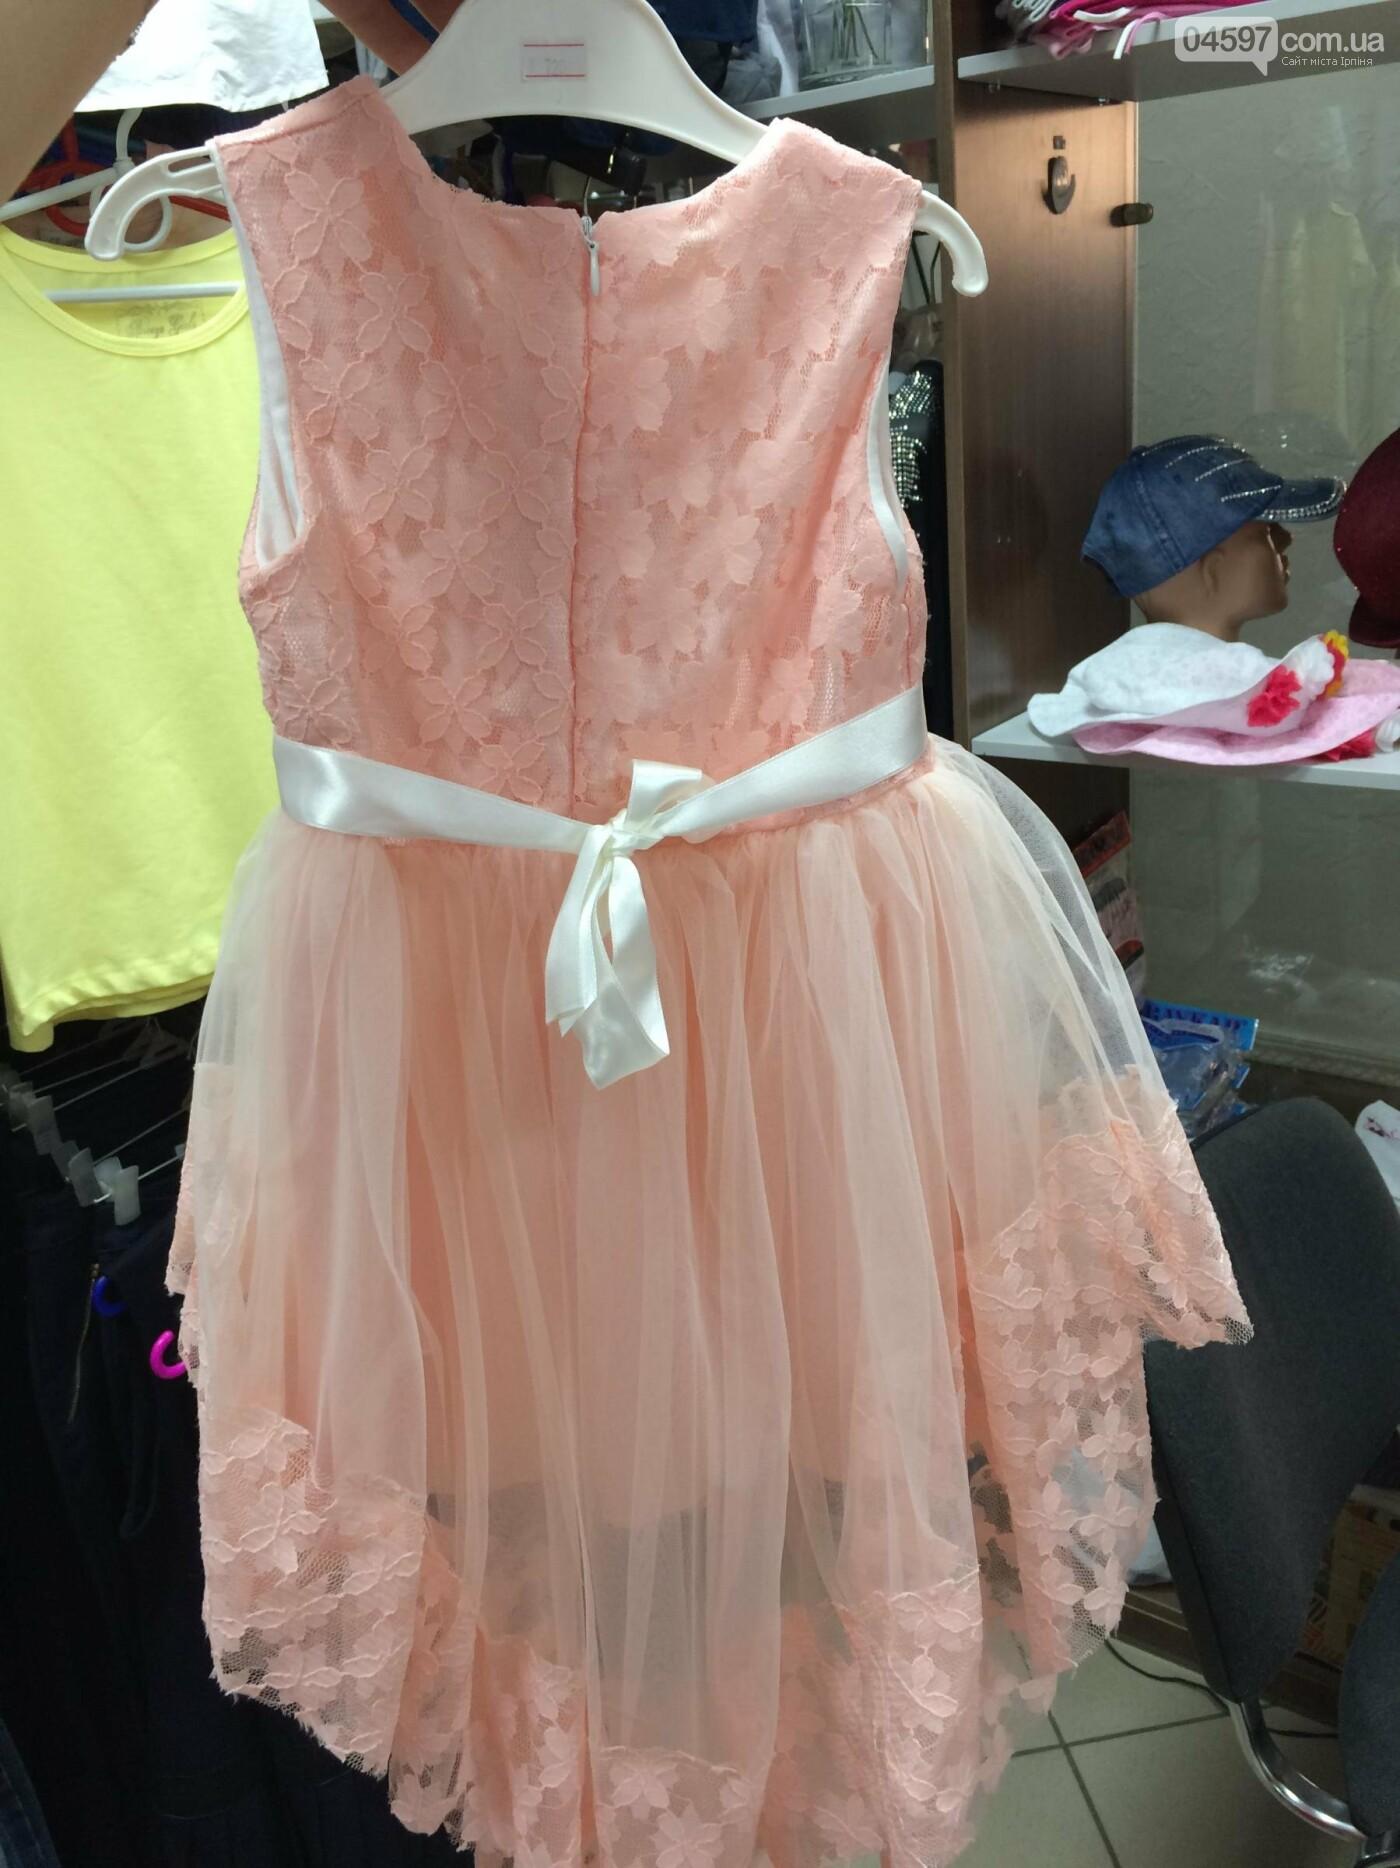 Де купити дитячий одяг в Ірпені: асортимент та ціни, фото-88